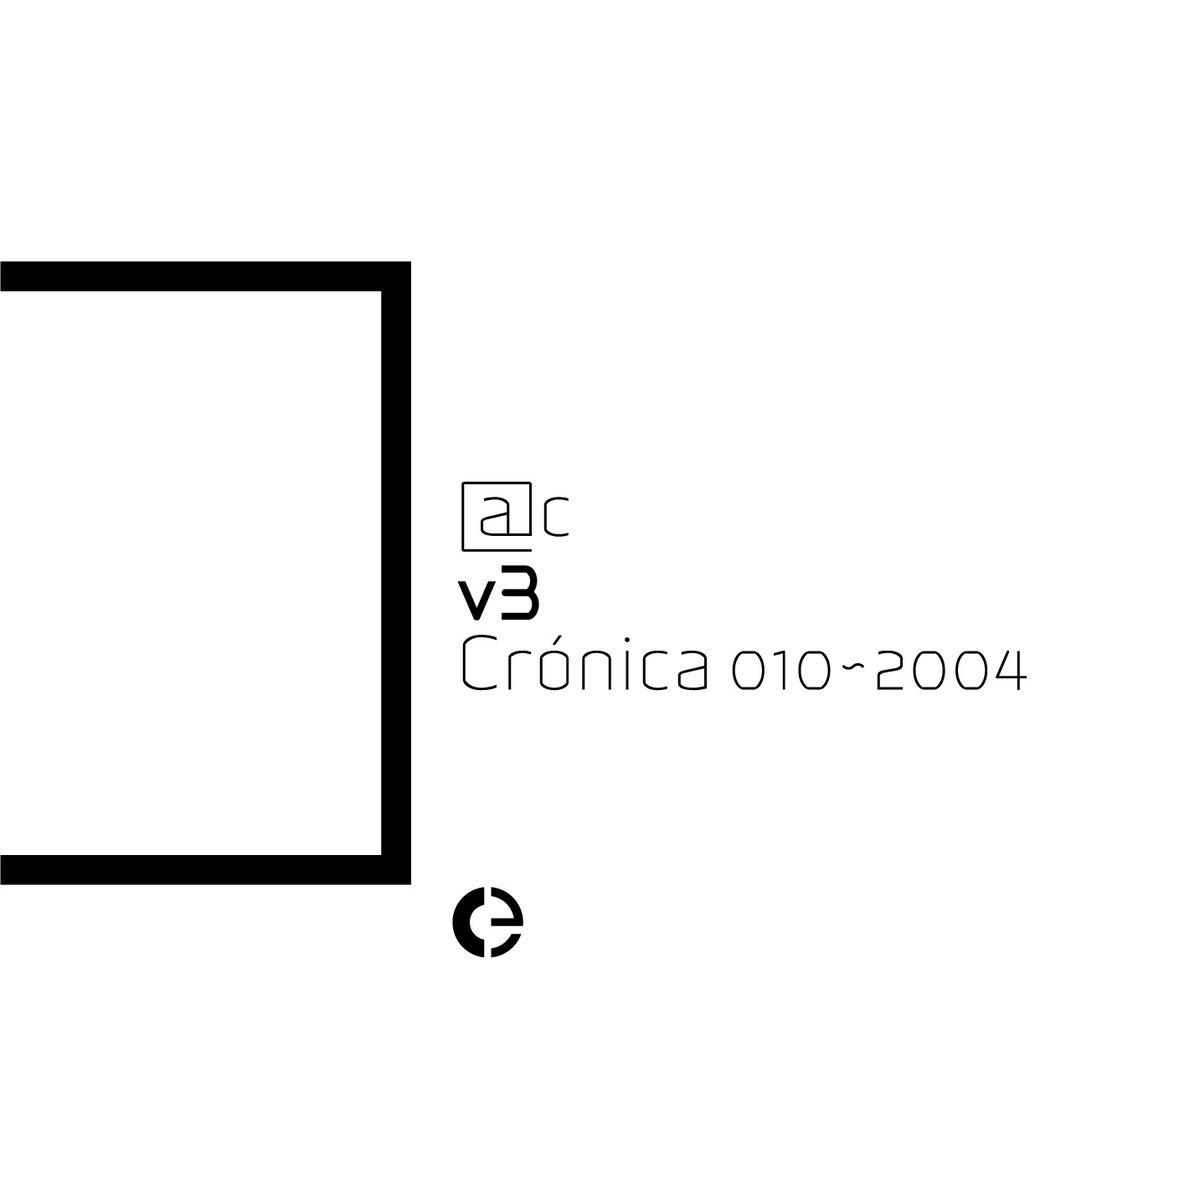 V3: Crónica 010-2004